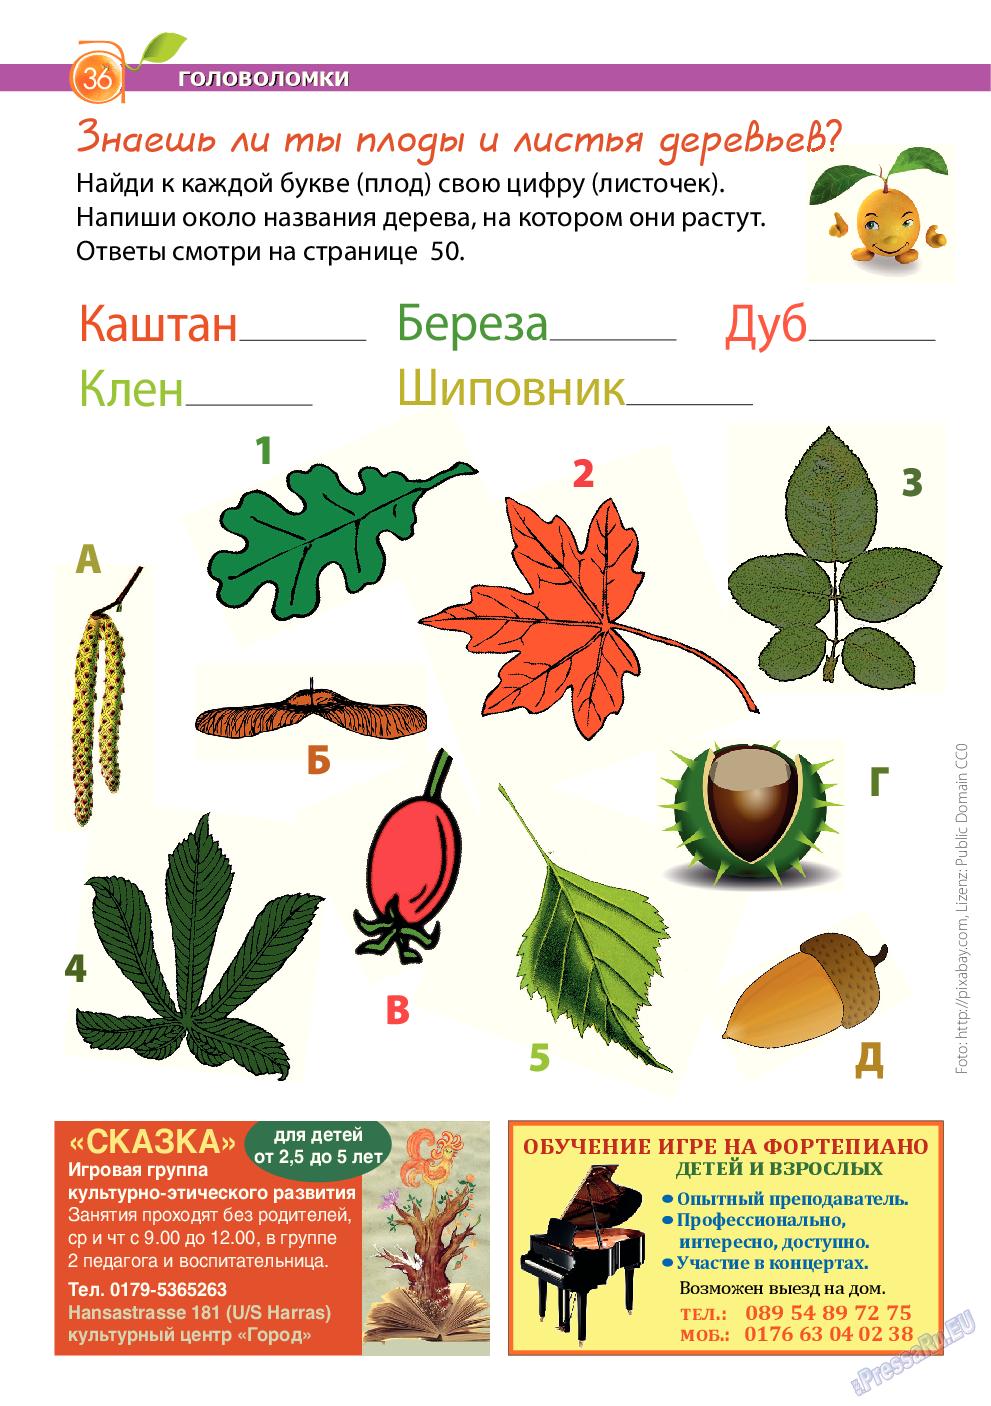 Апельсин (журнал). 2014 год, номер 64, стр. 36